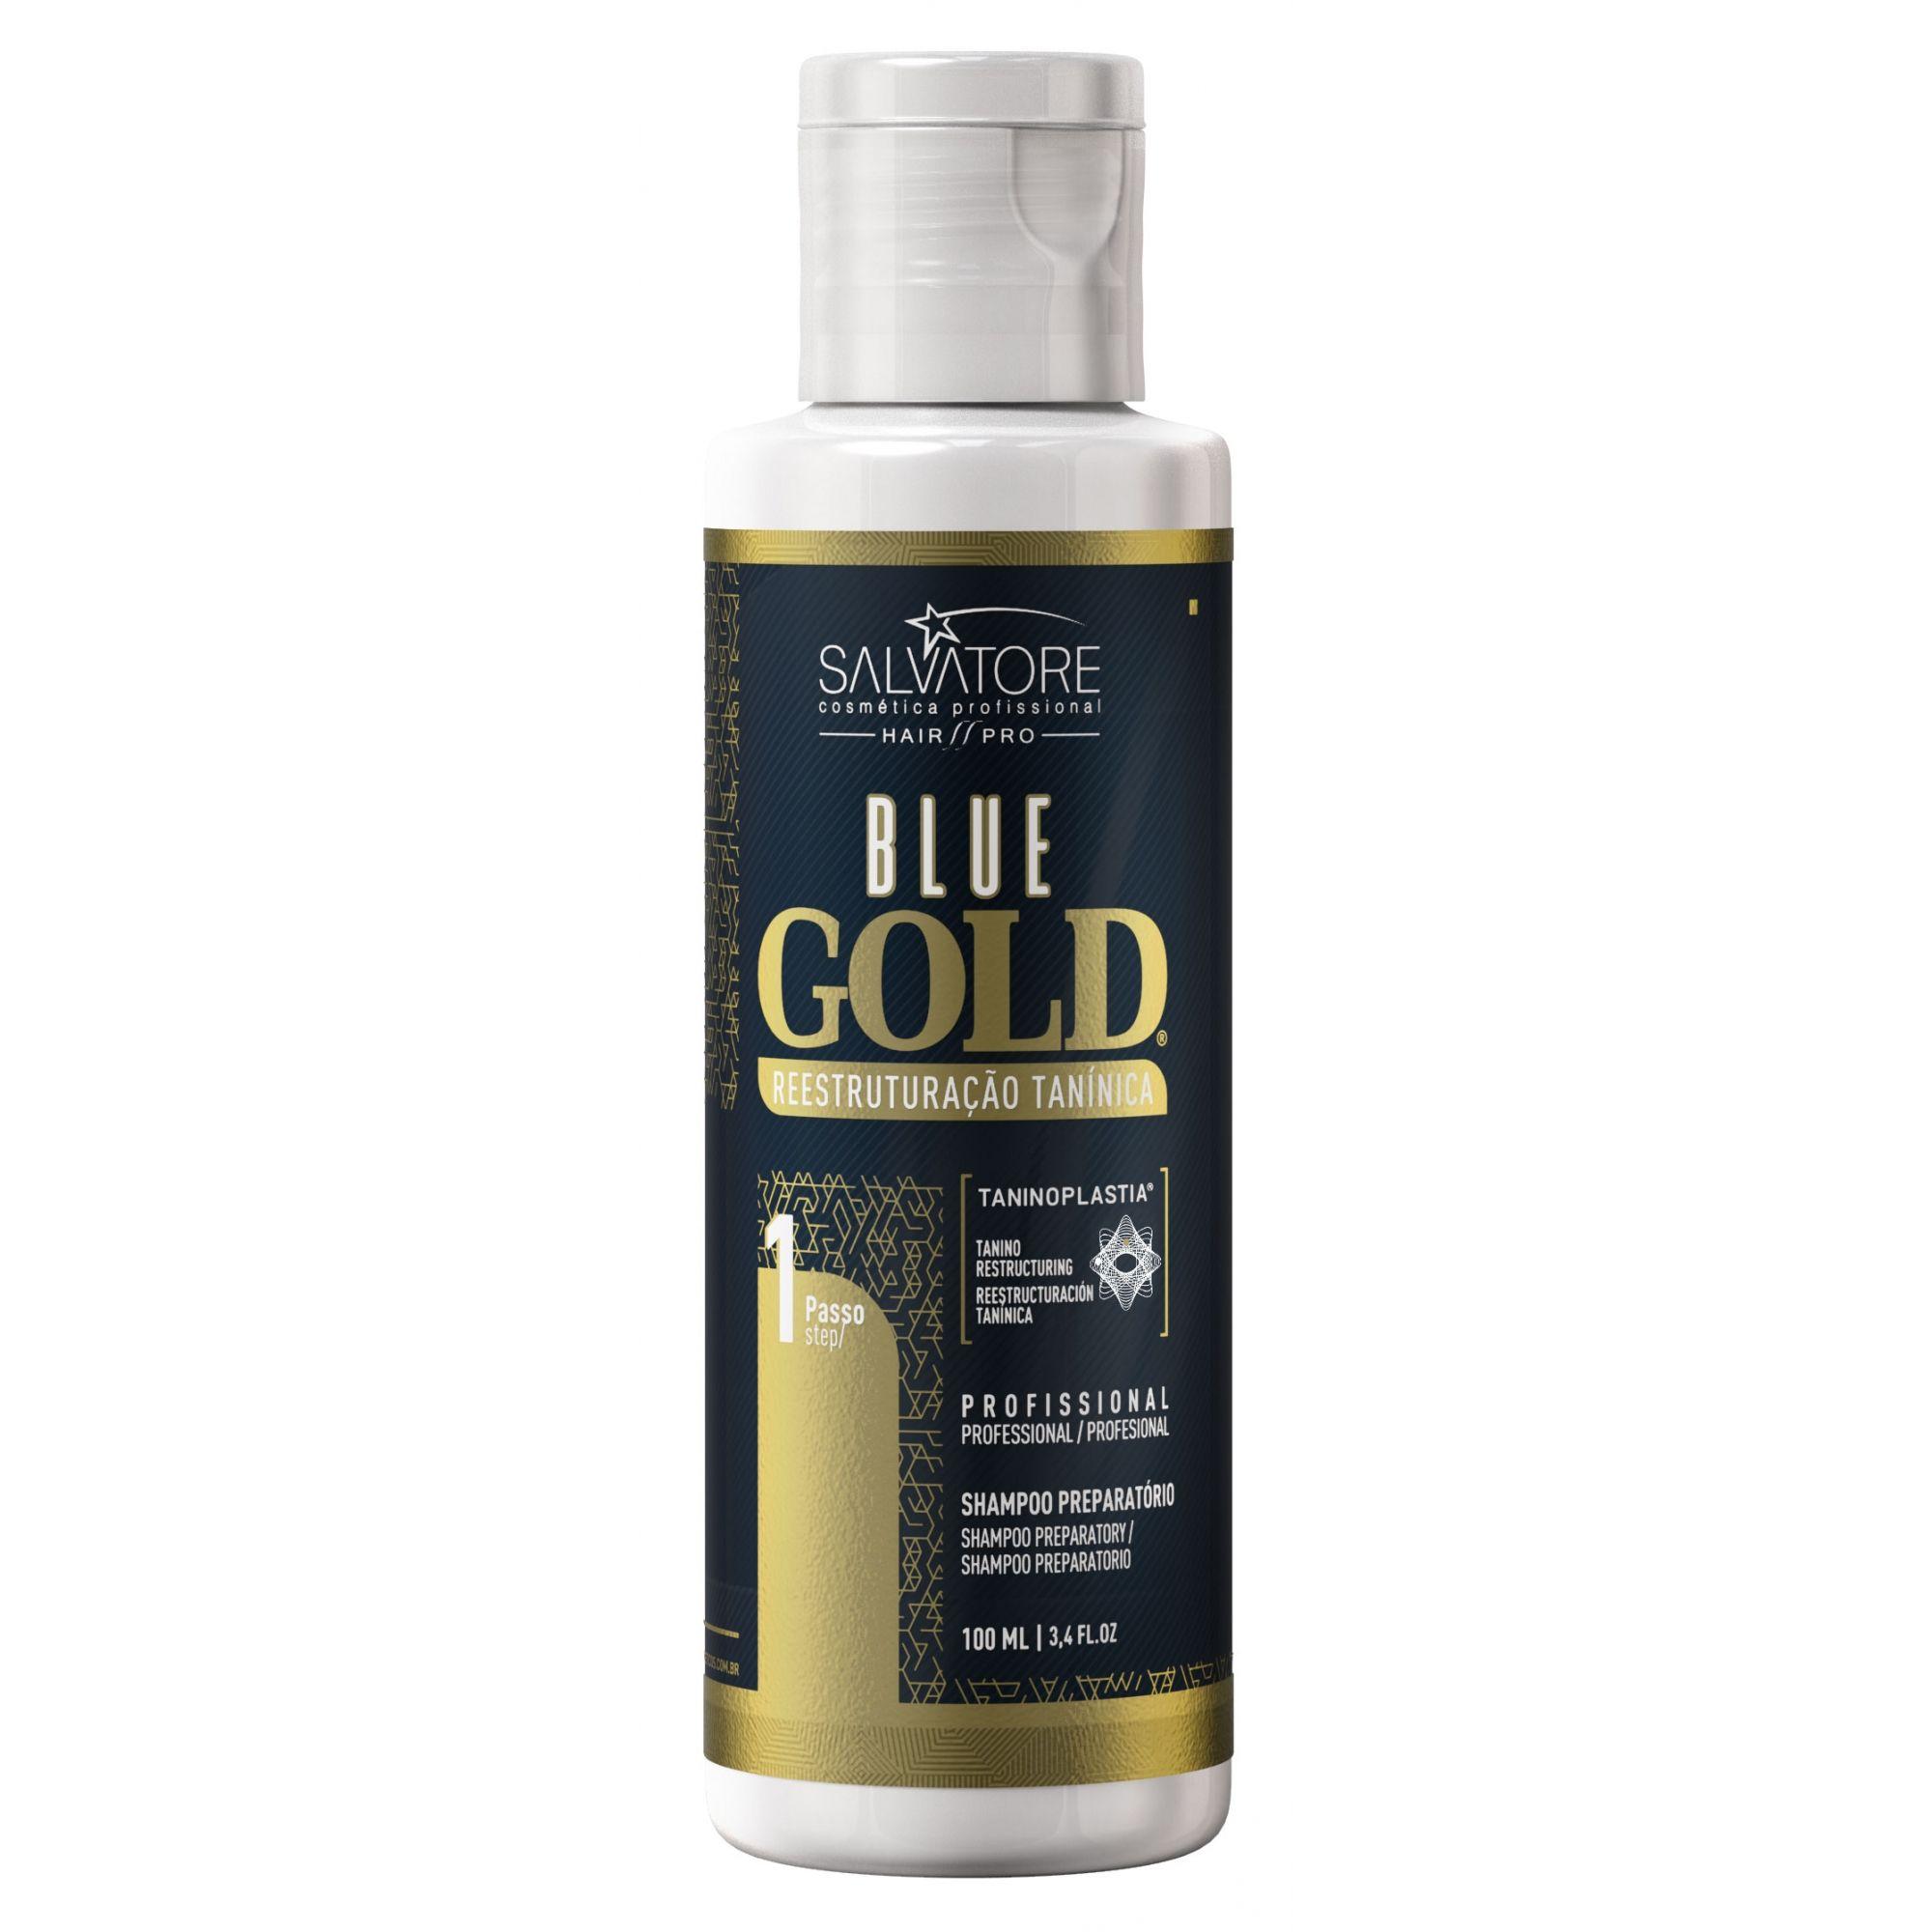 Kit Blue Gold  (Passo 1 + Passo 2)  100ml - Realinhamento Capilar